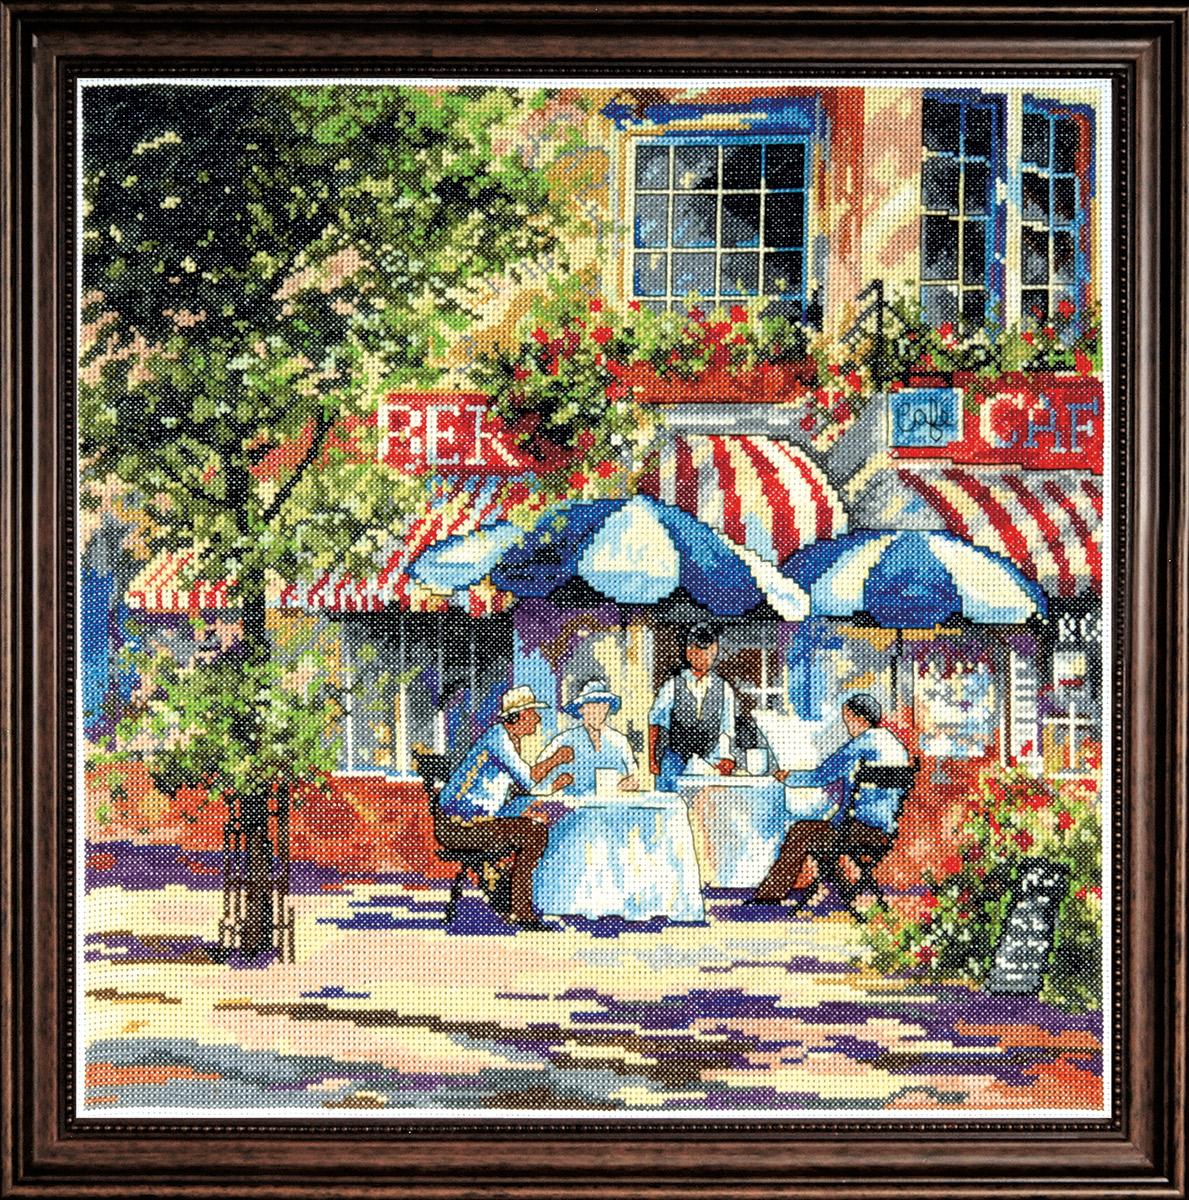 Набор для вышивания крестом Design Works Солнечное кафе, 35,5 х 35,5 см2766По картине Джима Митчела (Cafe in the Sun, Jim Mitchell).